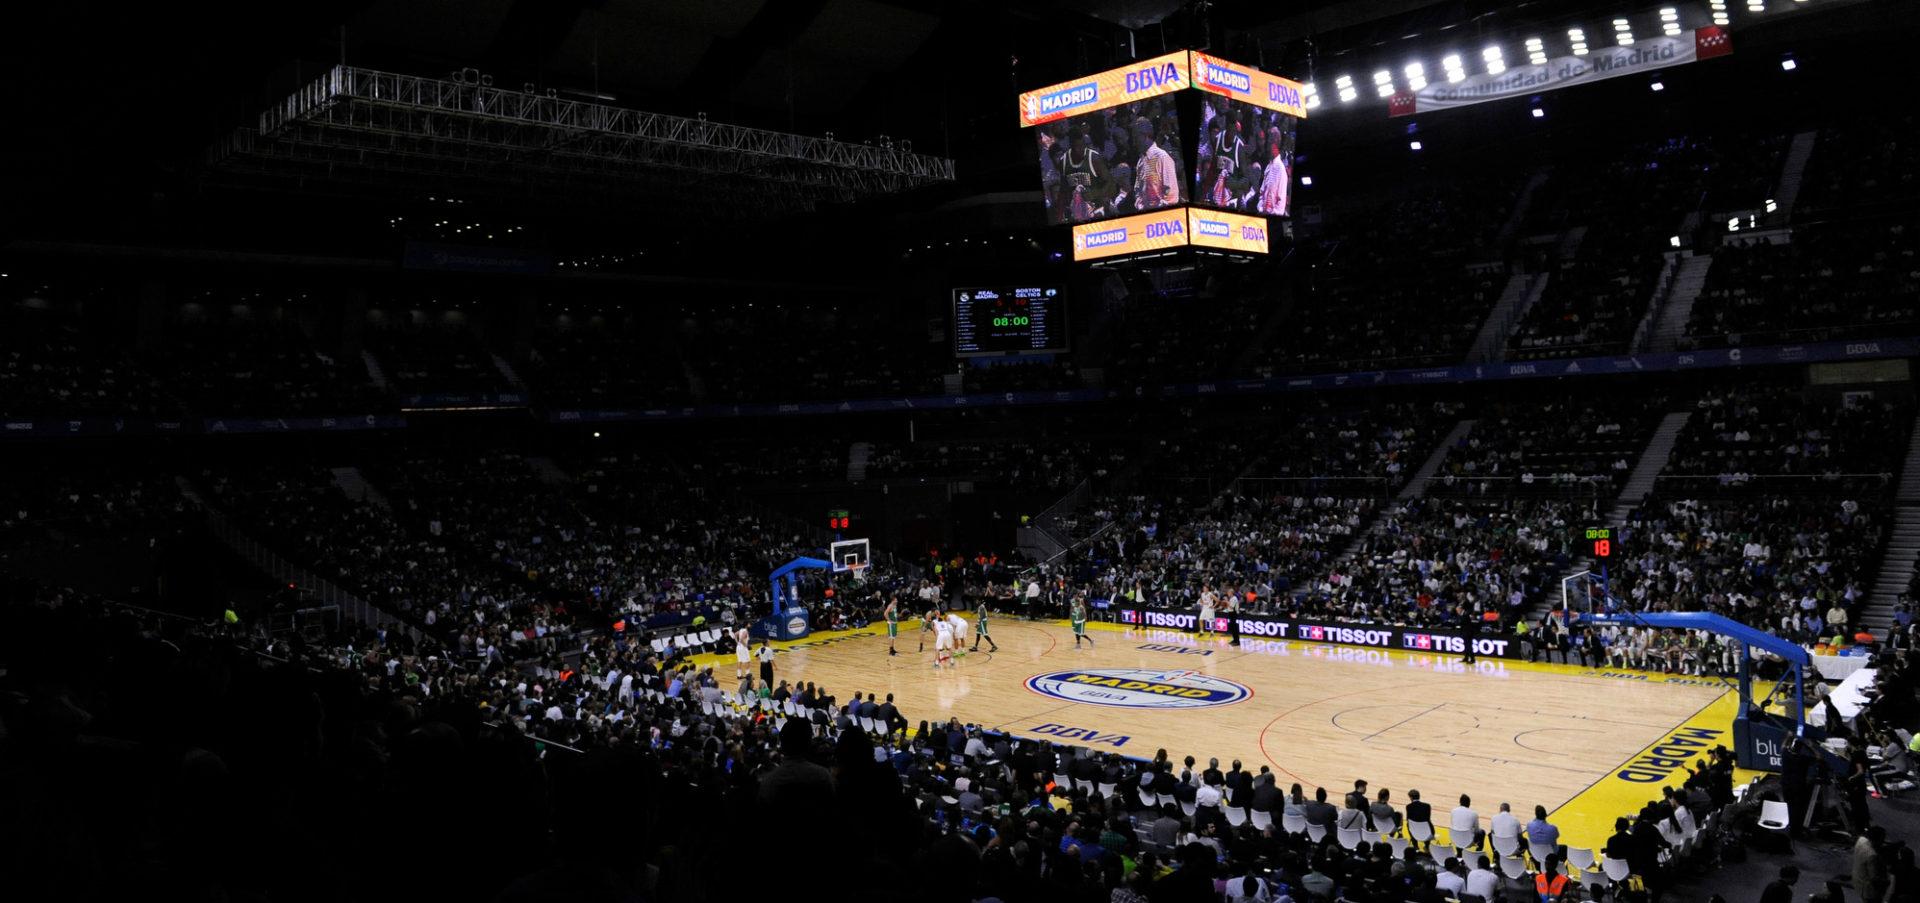 Fotografía de Global Games NBA estadio BBVA